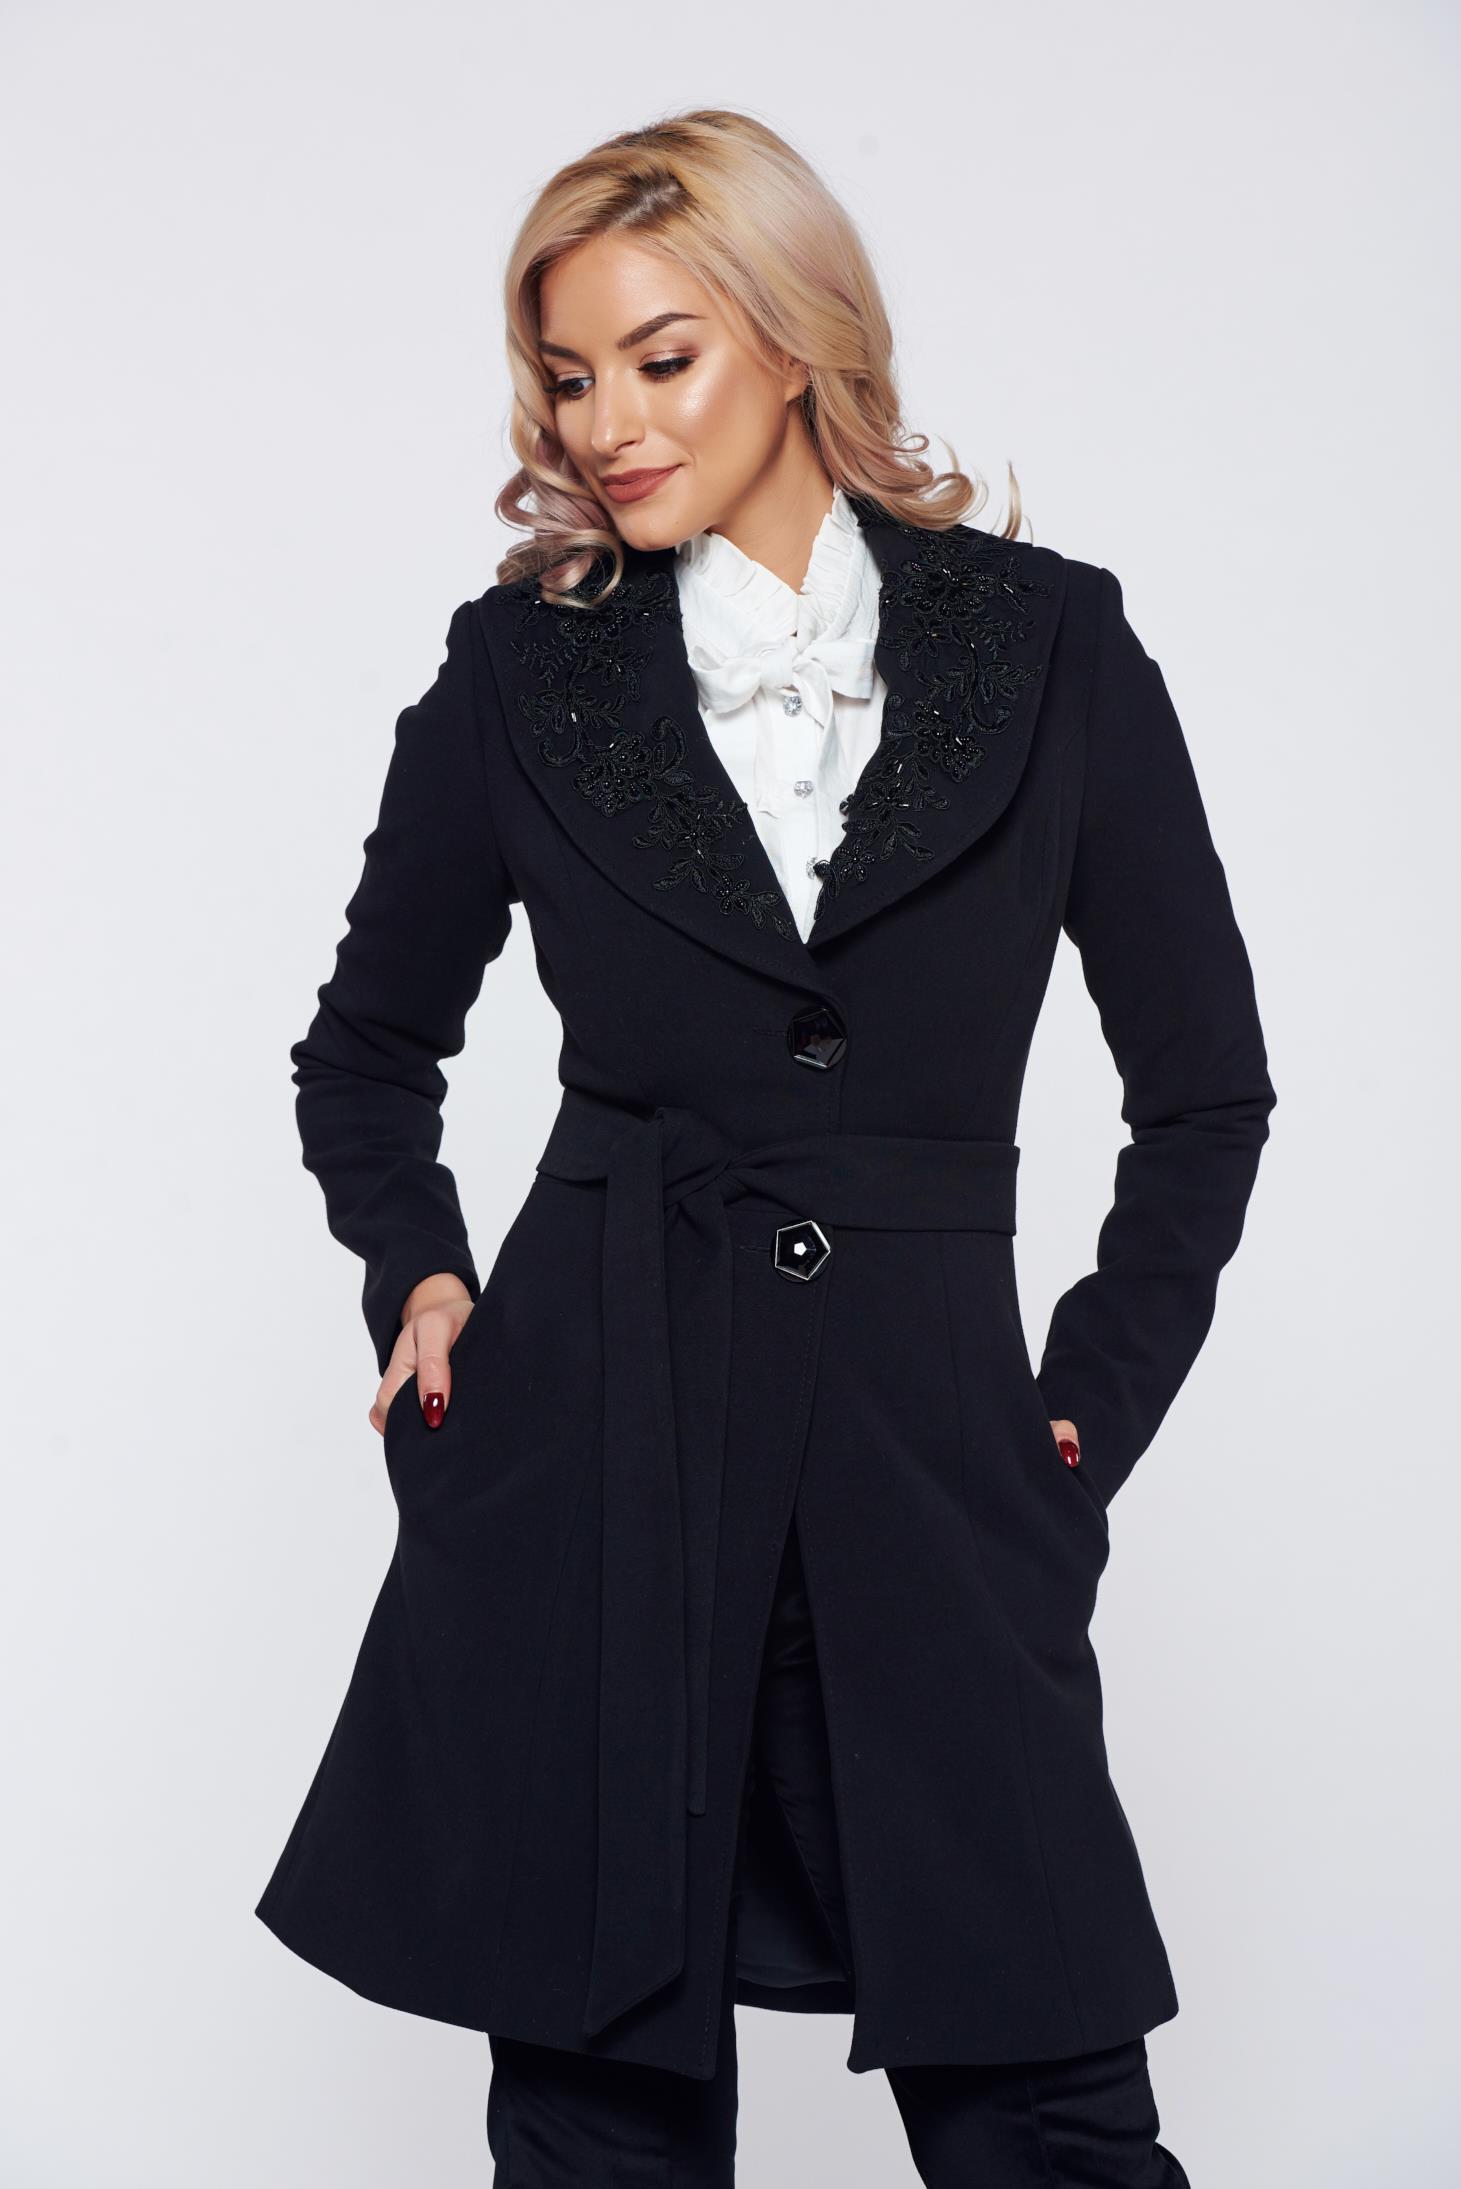 Palton Artista negru elegant cu buzunare cu insertii de broderie